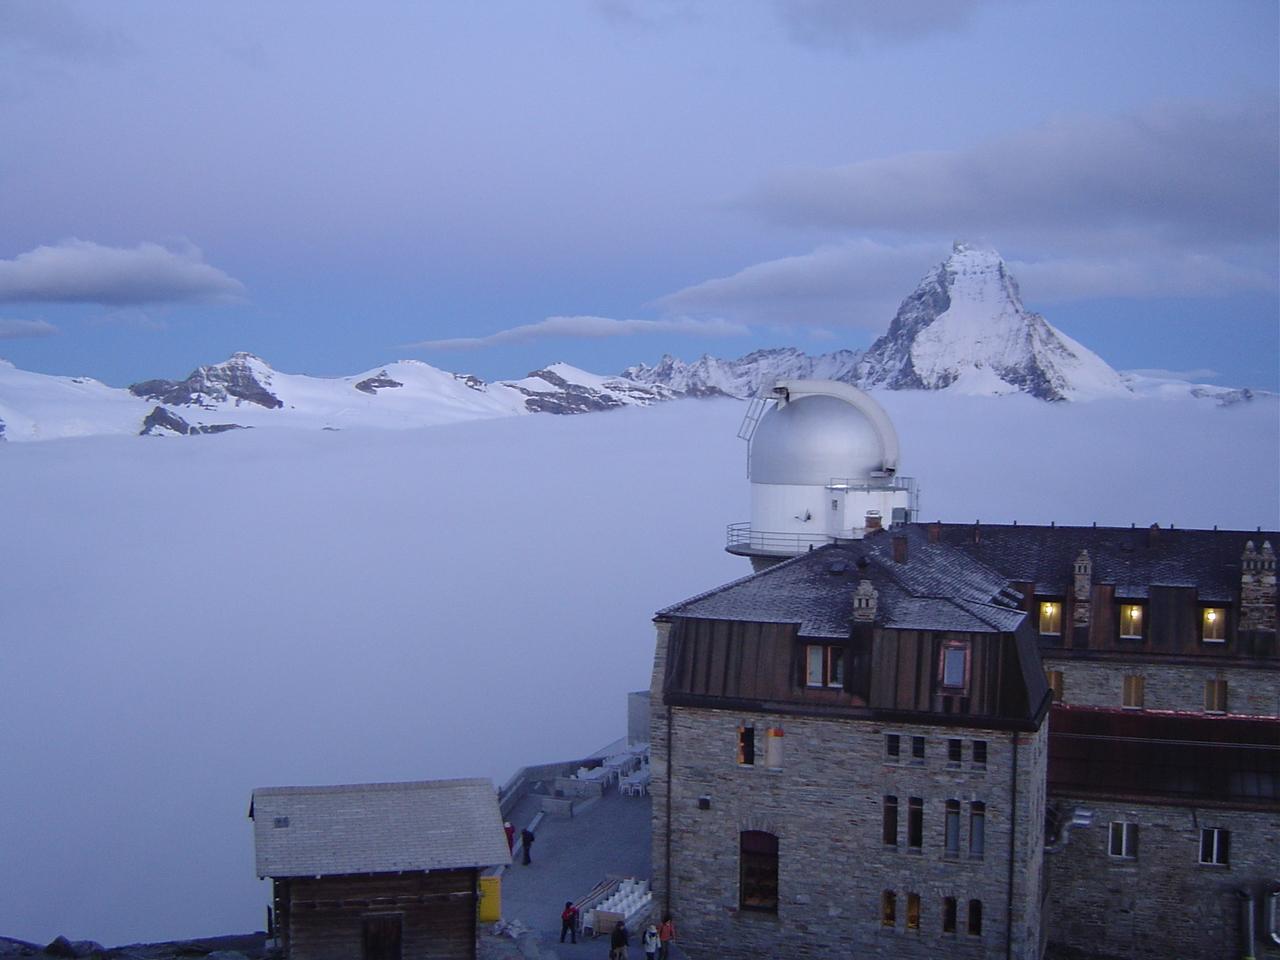 山頂で絶景を楽しむ